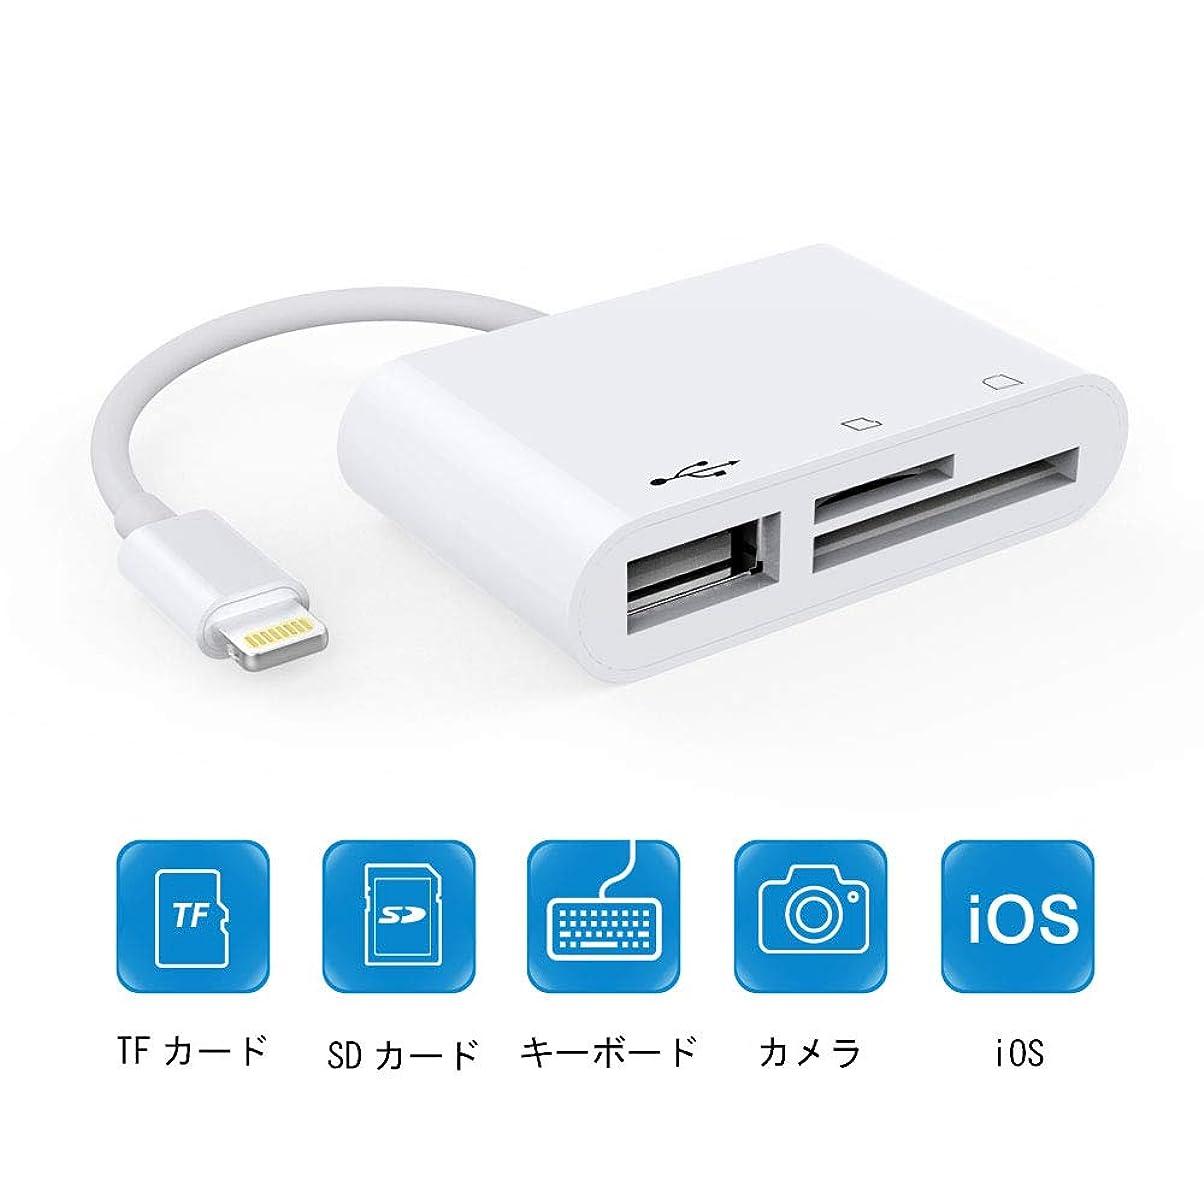 傷つきやすい追加請求可能iPhone SDカードリーダー マイクロSDカードリーダー USB3.0高速伝送 3in1メモリカードリーダー SDカード/Micro SDカード/USBマルチカードリーダー iOS9.1以降システム対応 (ホワイト)